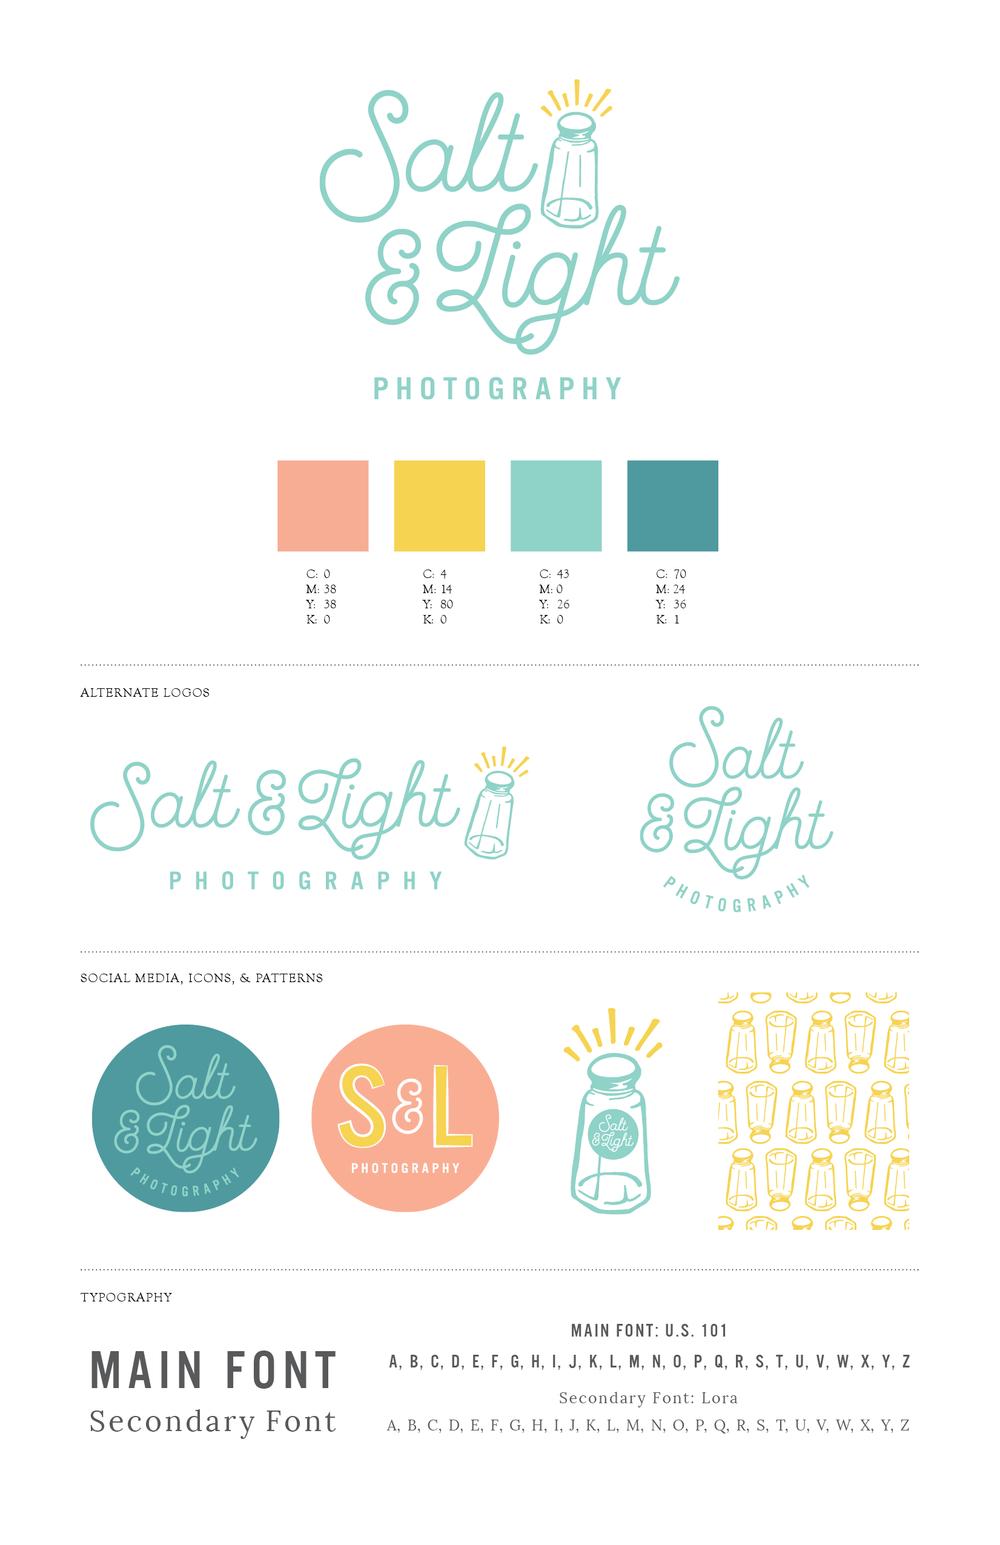 Salt&LightPhotogrpahyBranding